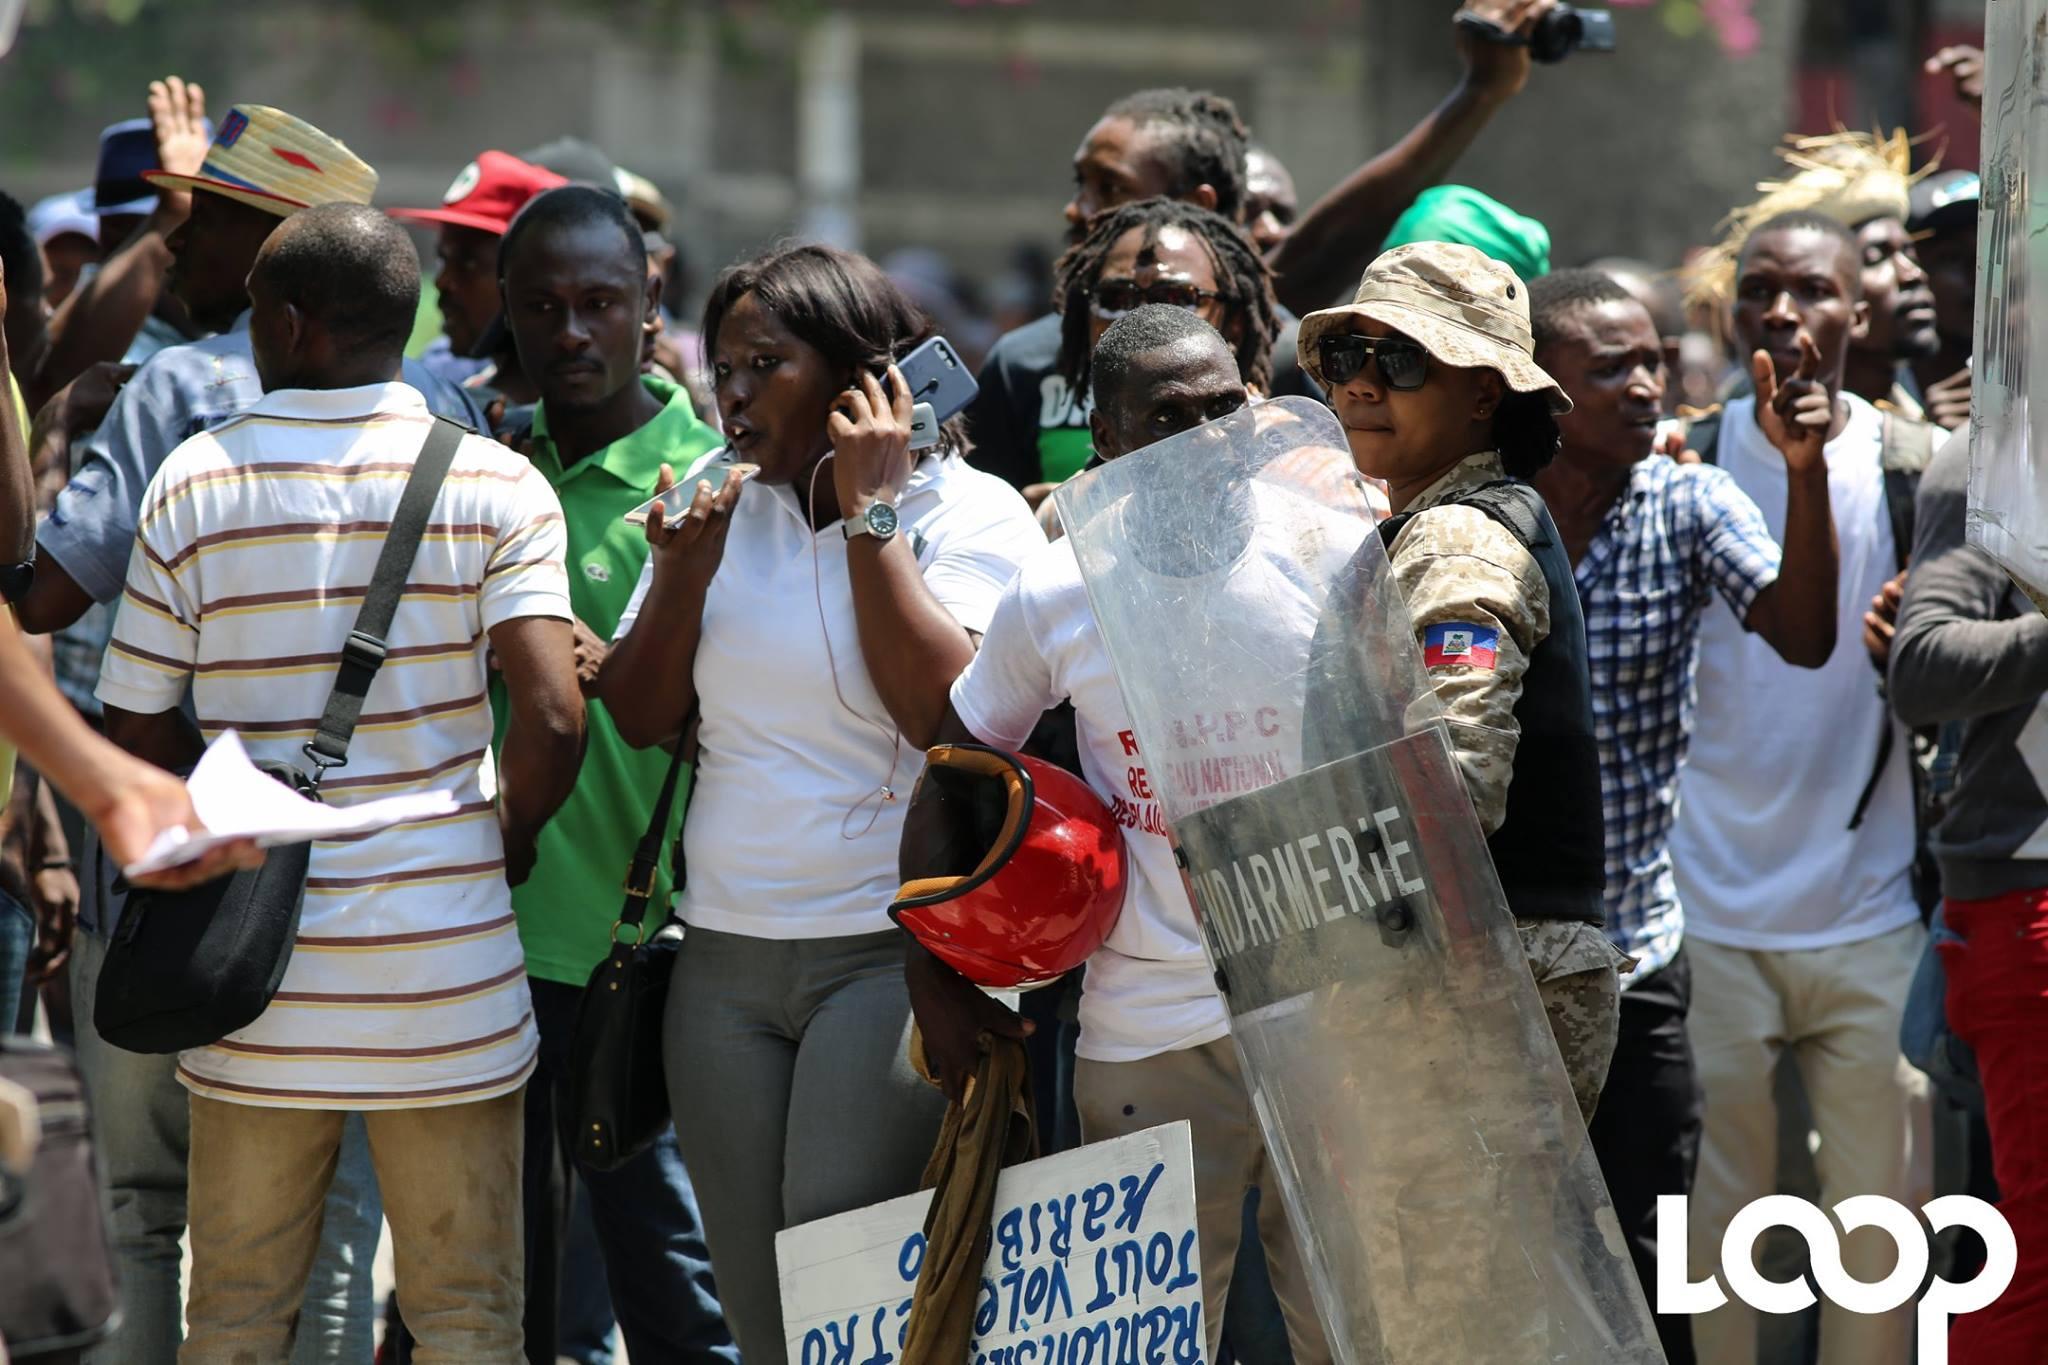 Journée nationale de mobilisation contre le pouvoir en place prévue le 20 septembre dans la capitale et dans tous les principaux départements du pays./Loop Haiti-Luckenson.